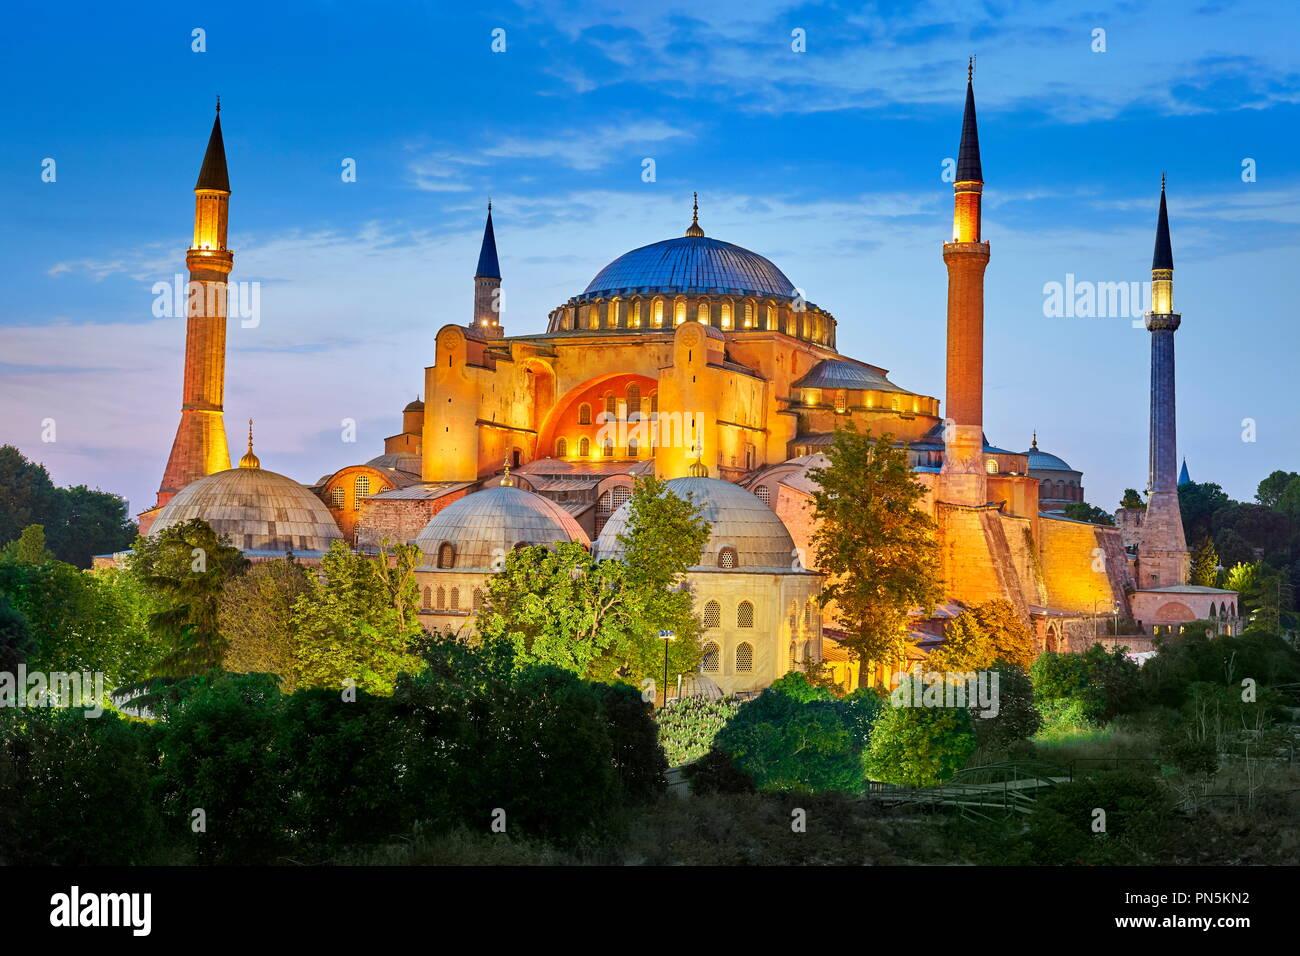 Lumière du soir à Sainte-sophie, l'Ayasofya, Istanbul, Turquie Banque D'Images